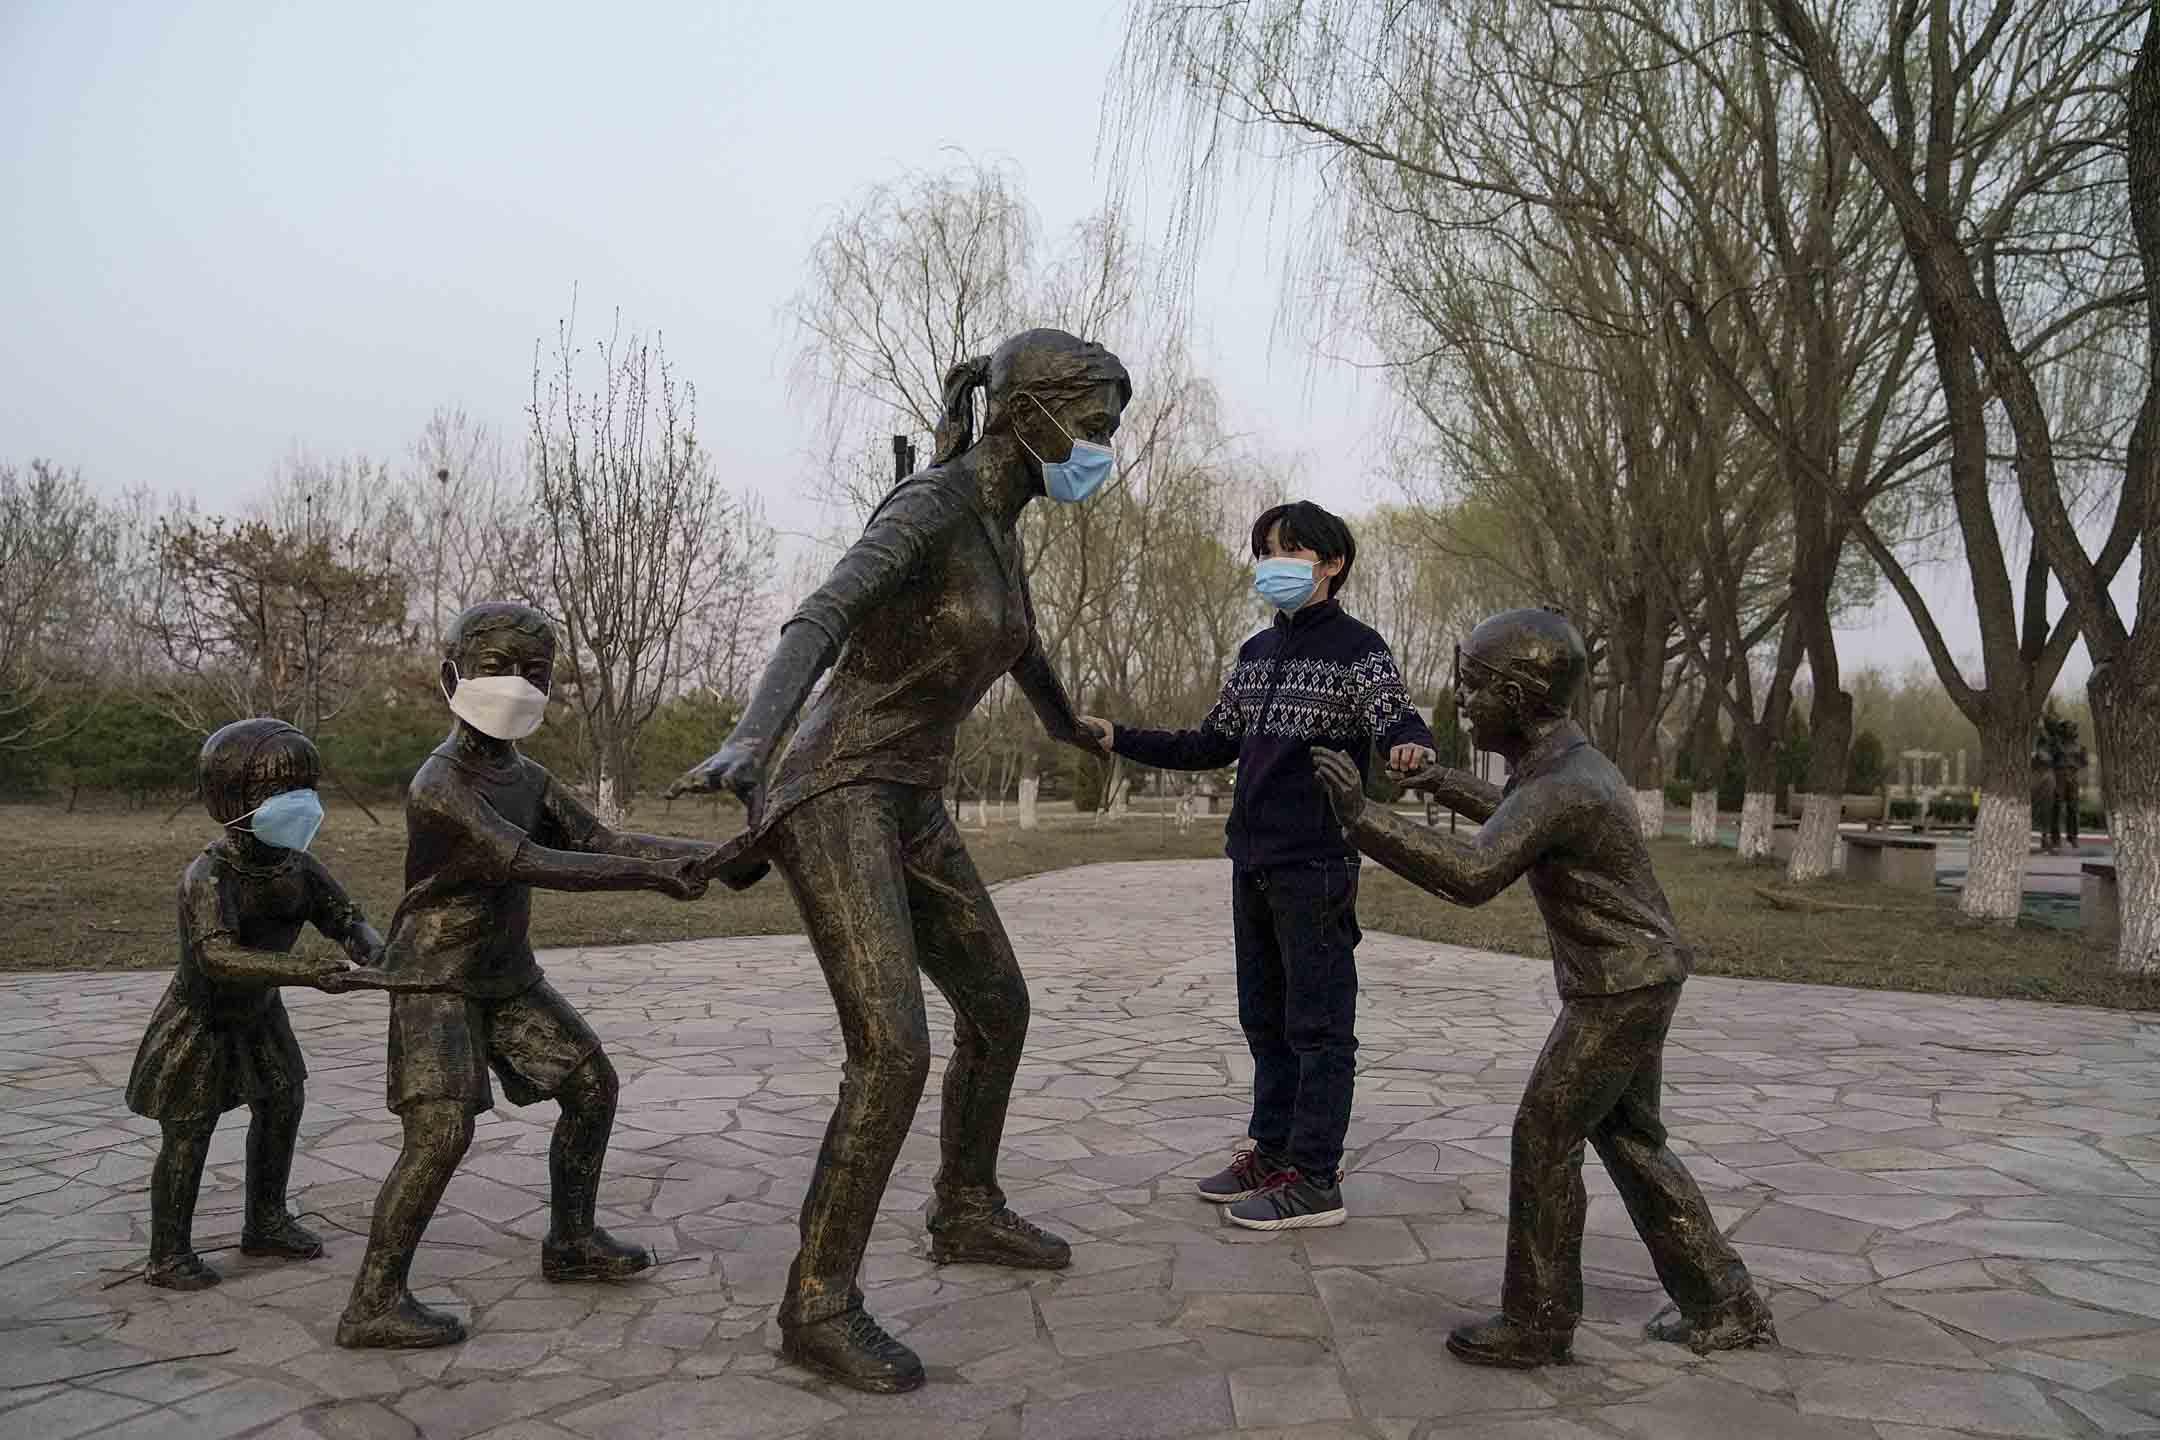 2020年3月22日,北京一個孩子在公園裡觸摸一組戴著口罩的雕像。